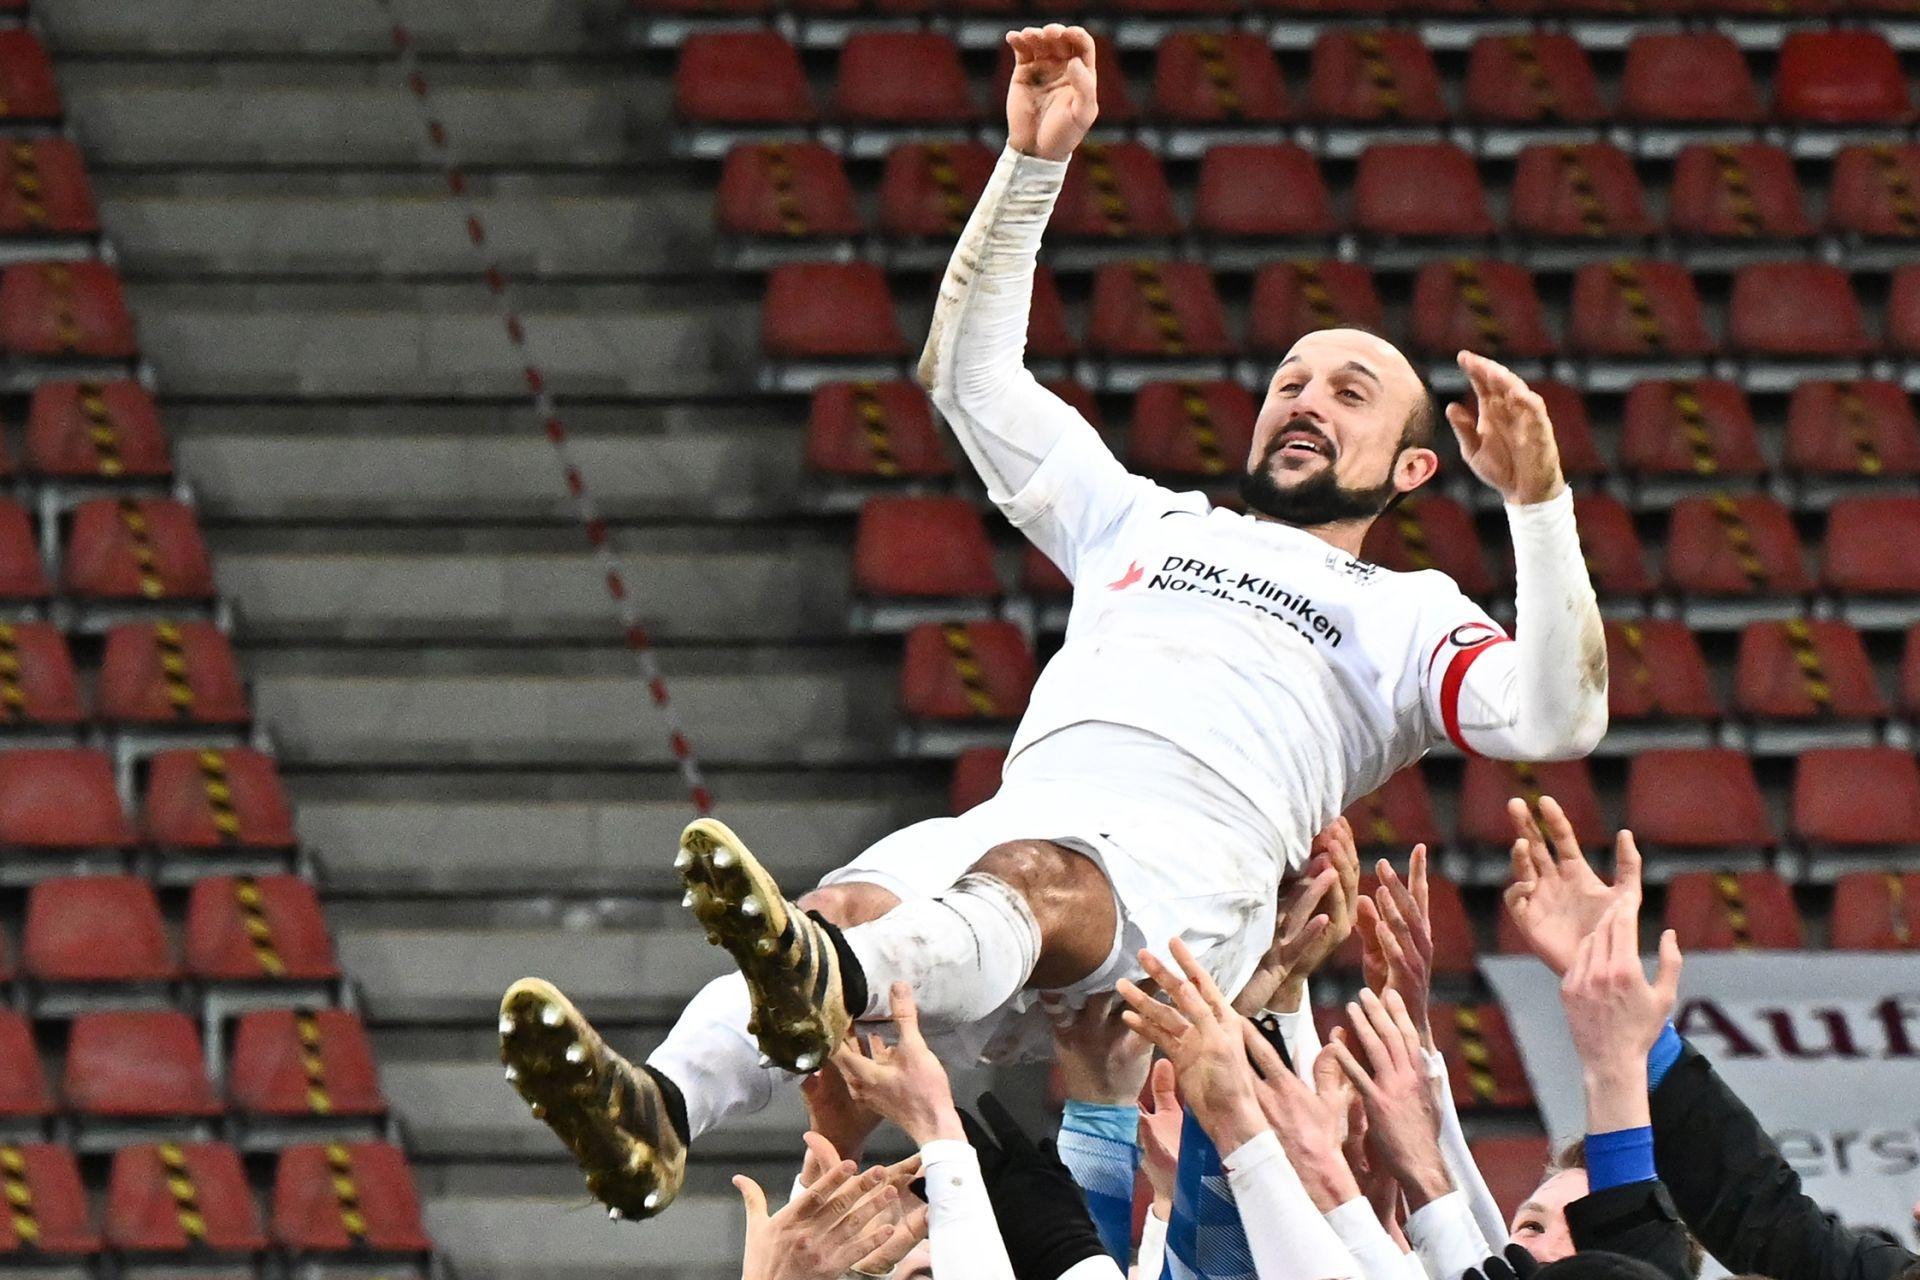 Regionalliga Südwest 2020/21, KSVHessen Kassel, TSV Steinbach Haiger, Endstand 2:1, Sergej Evljuskin